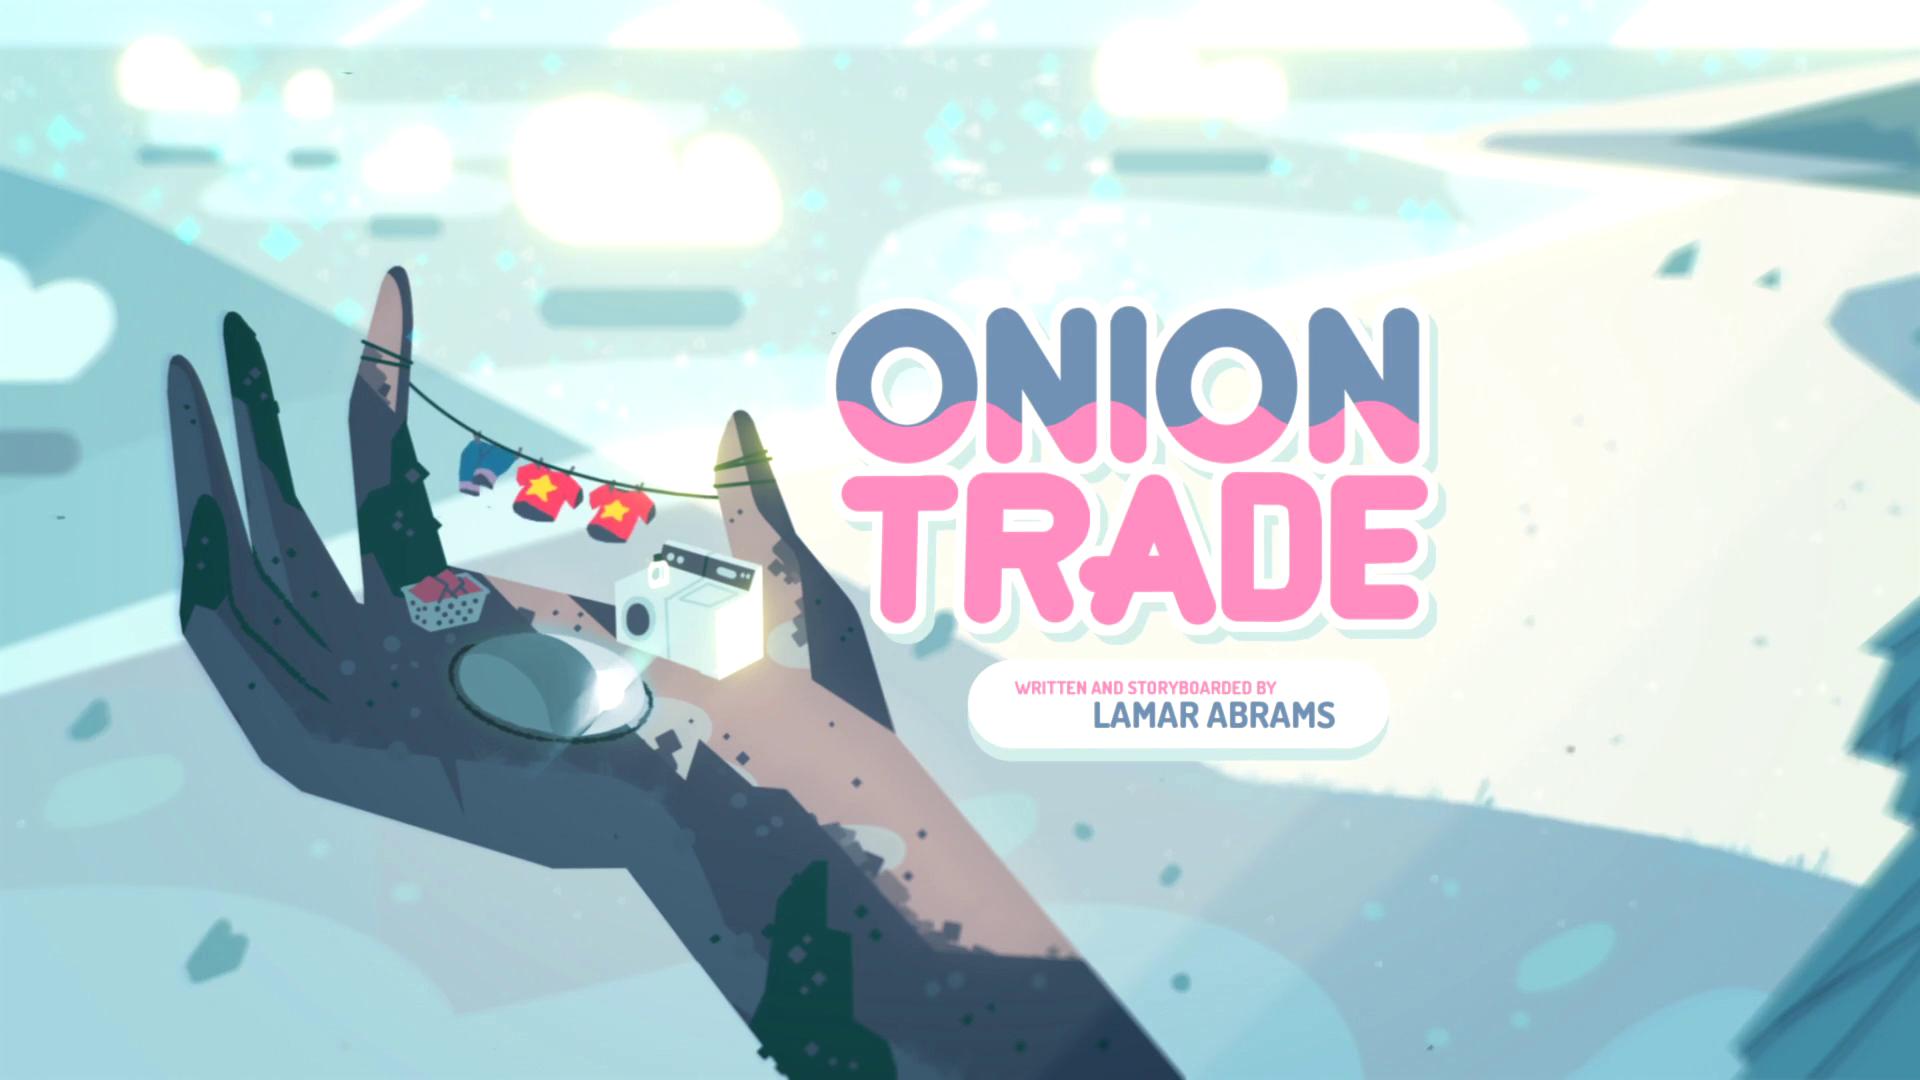 Onion Trade